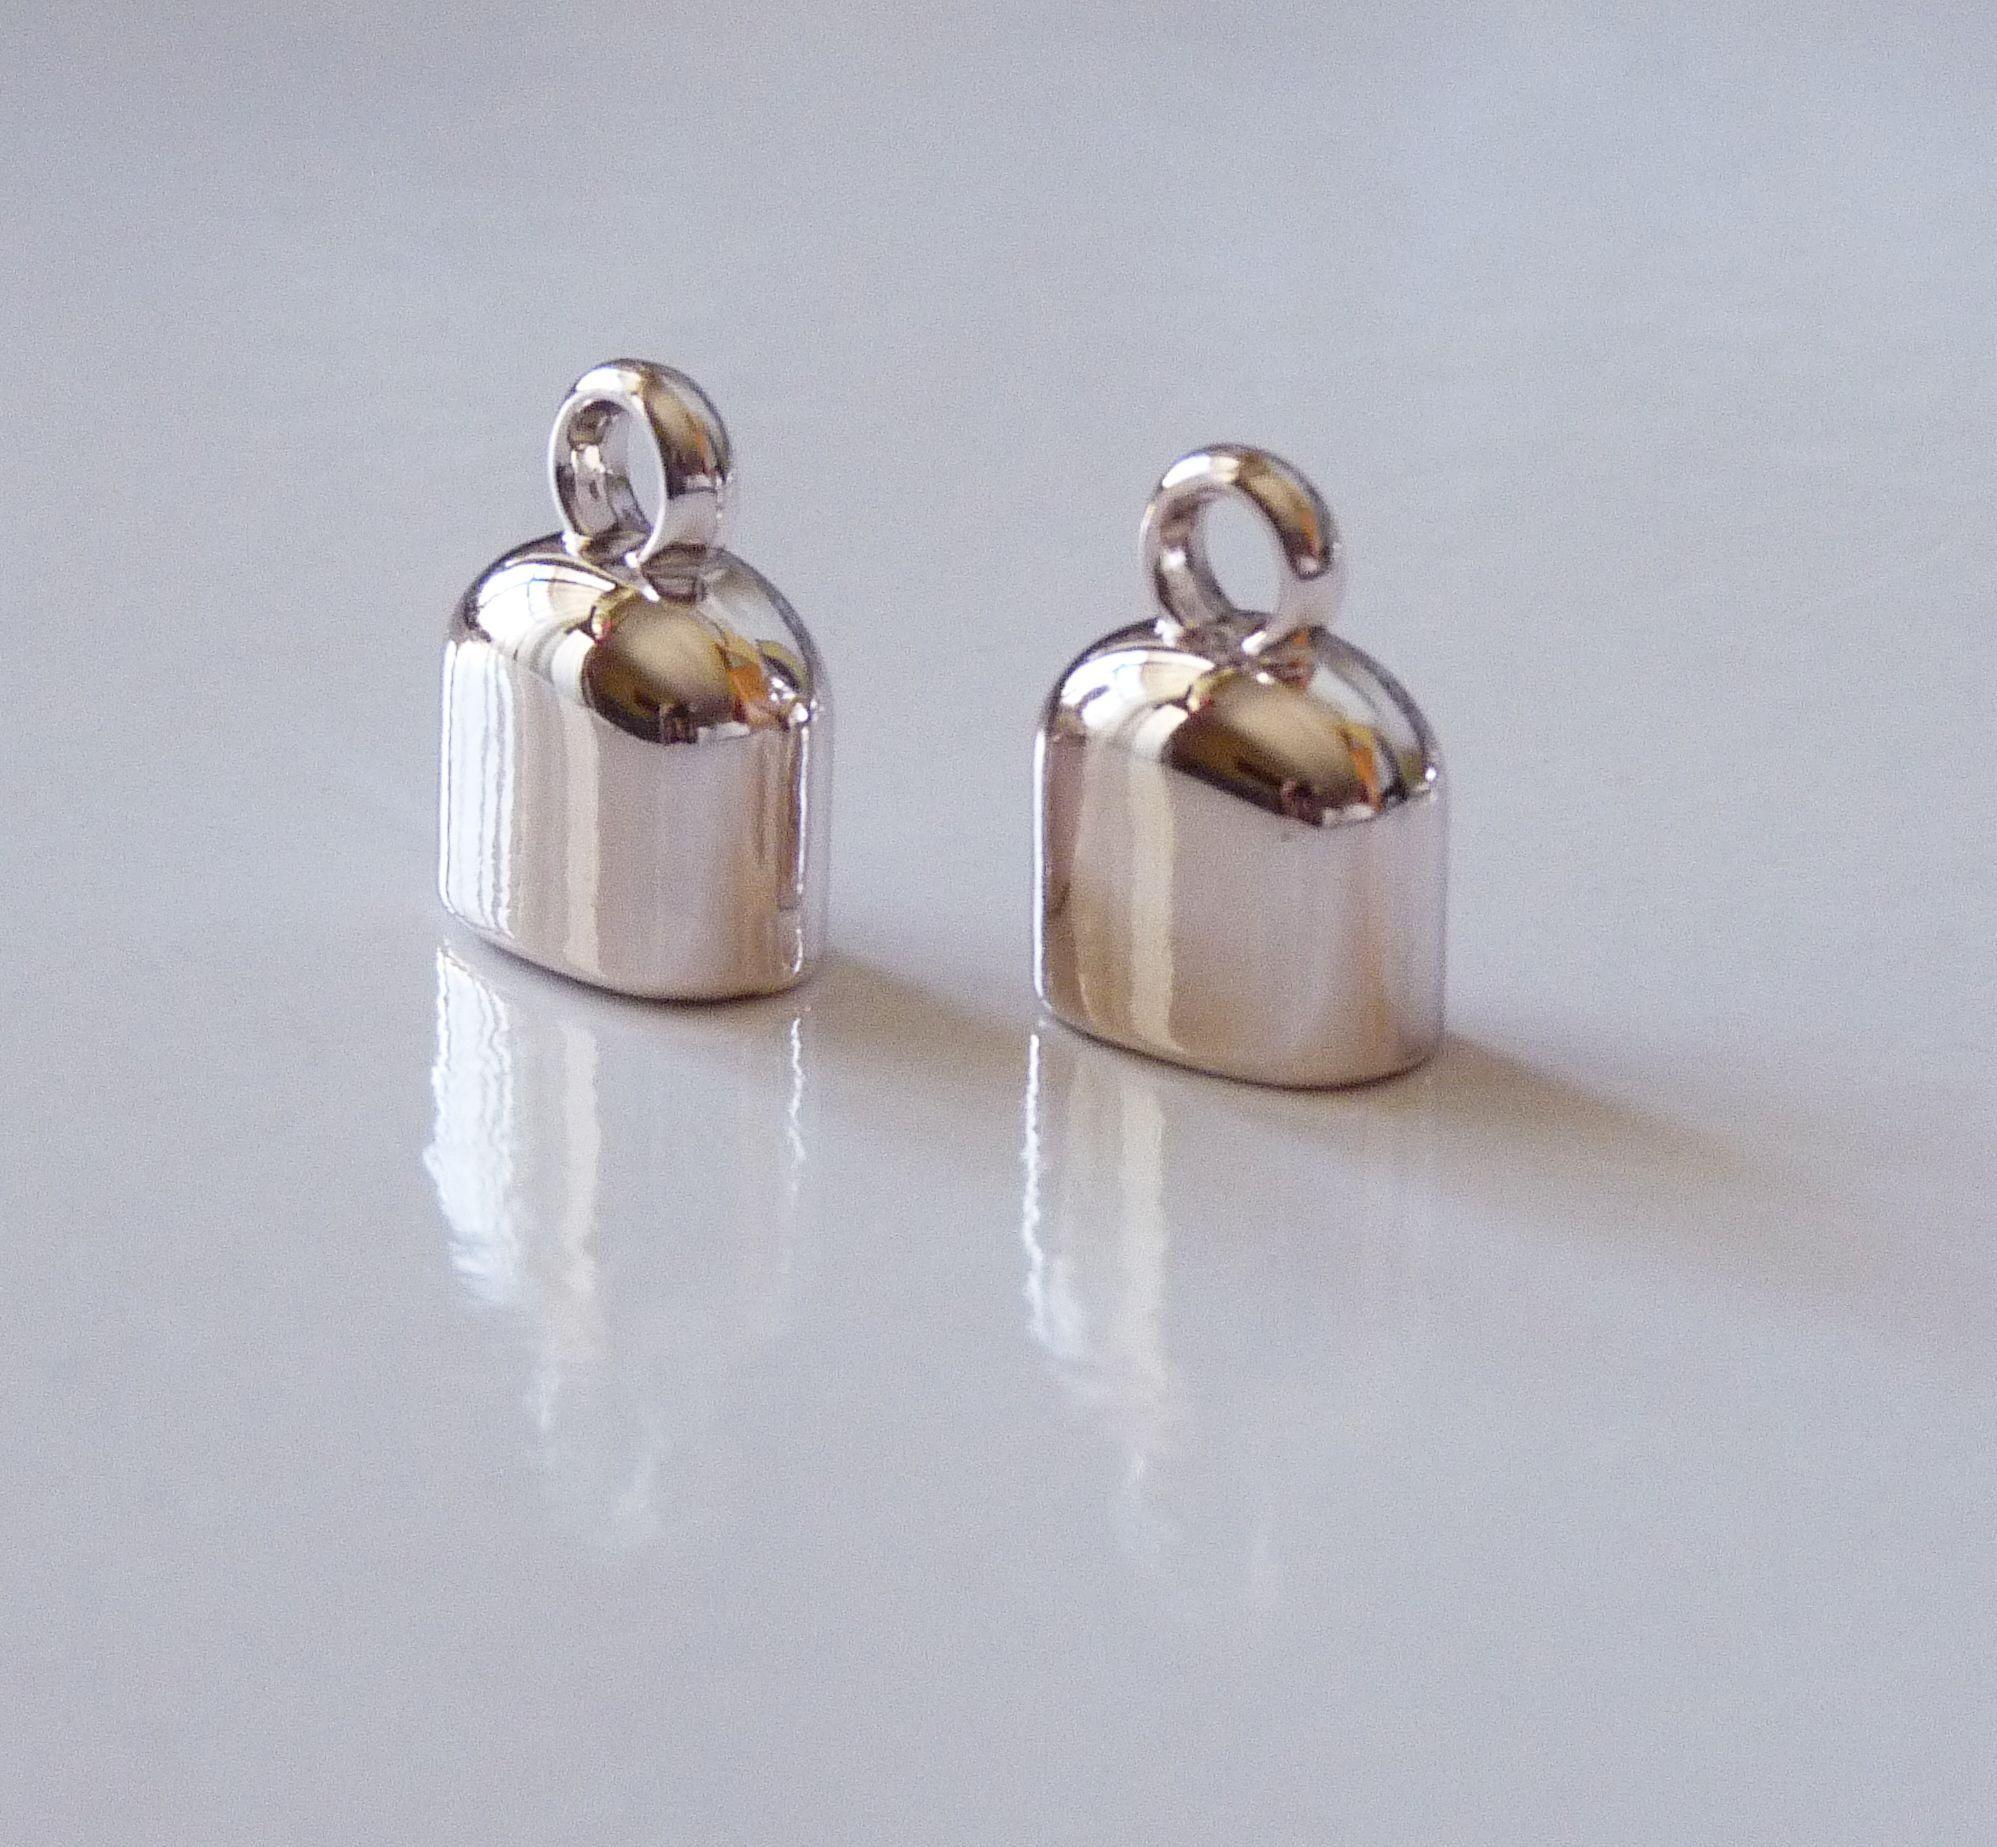 12 x Silver Tone Bead Cone For Earrings /& Pendants Jewellery Findings